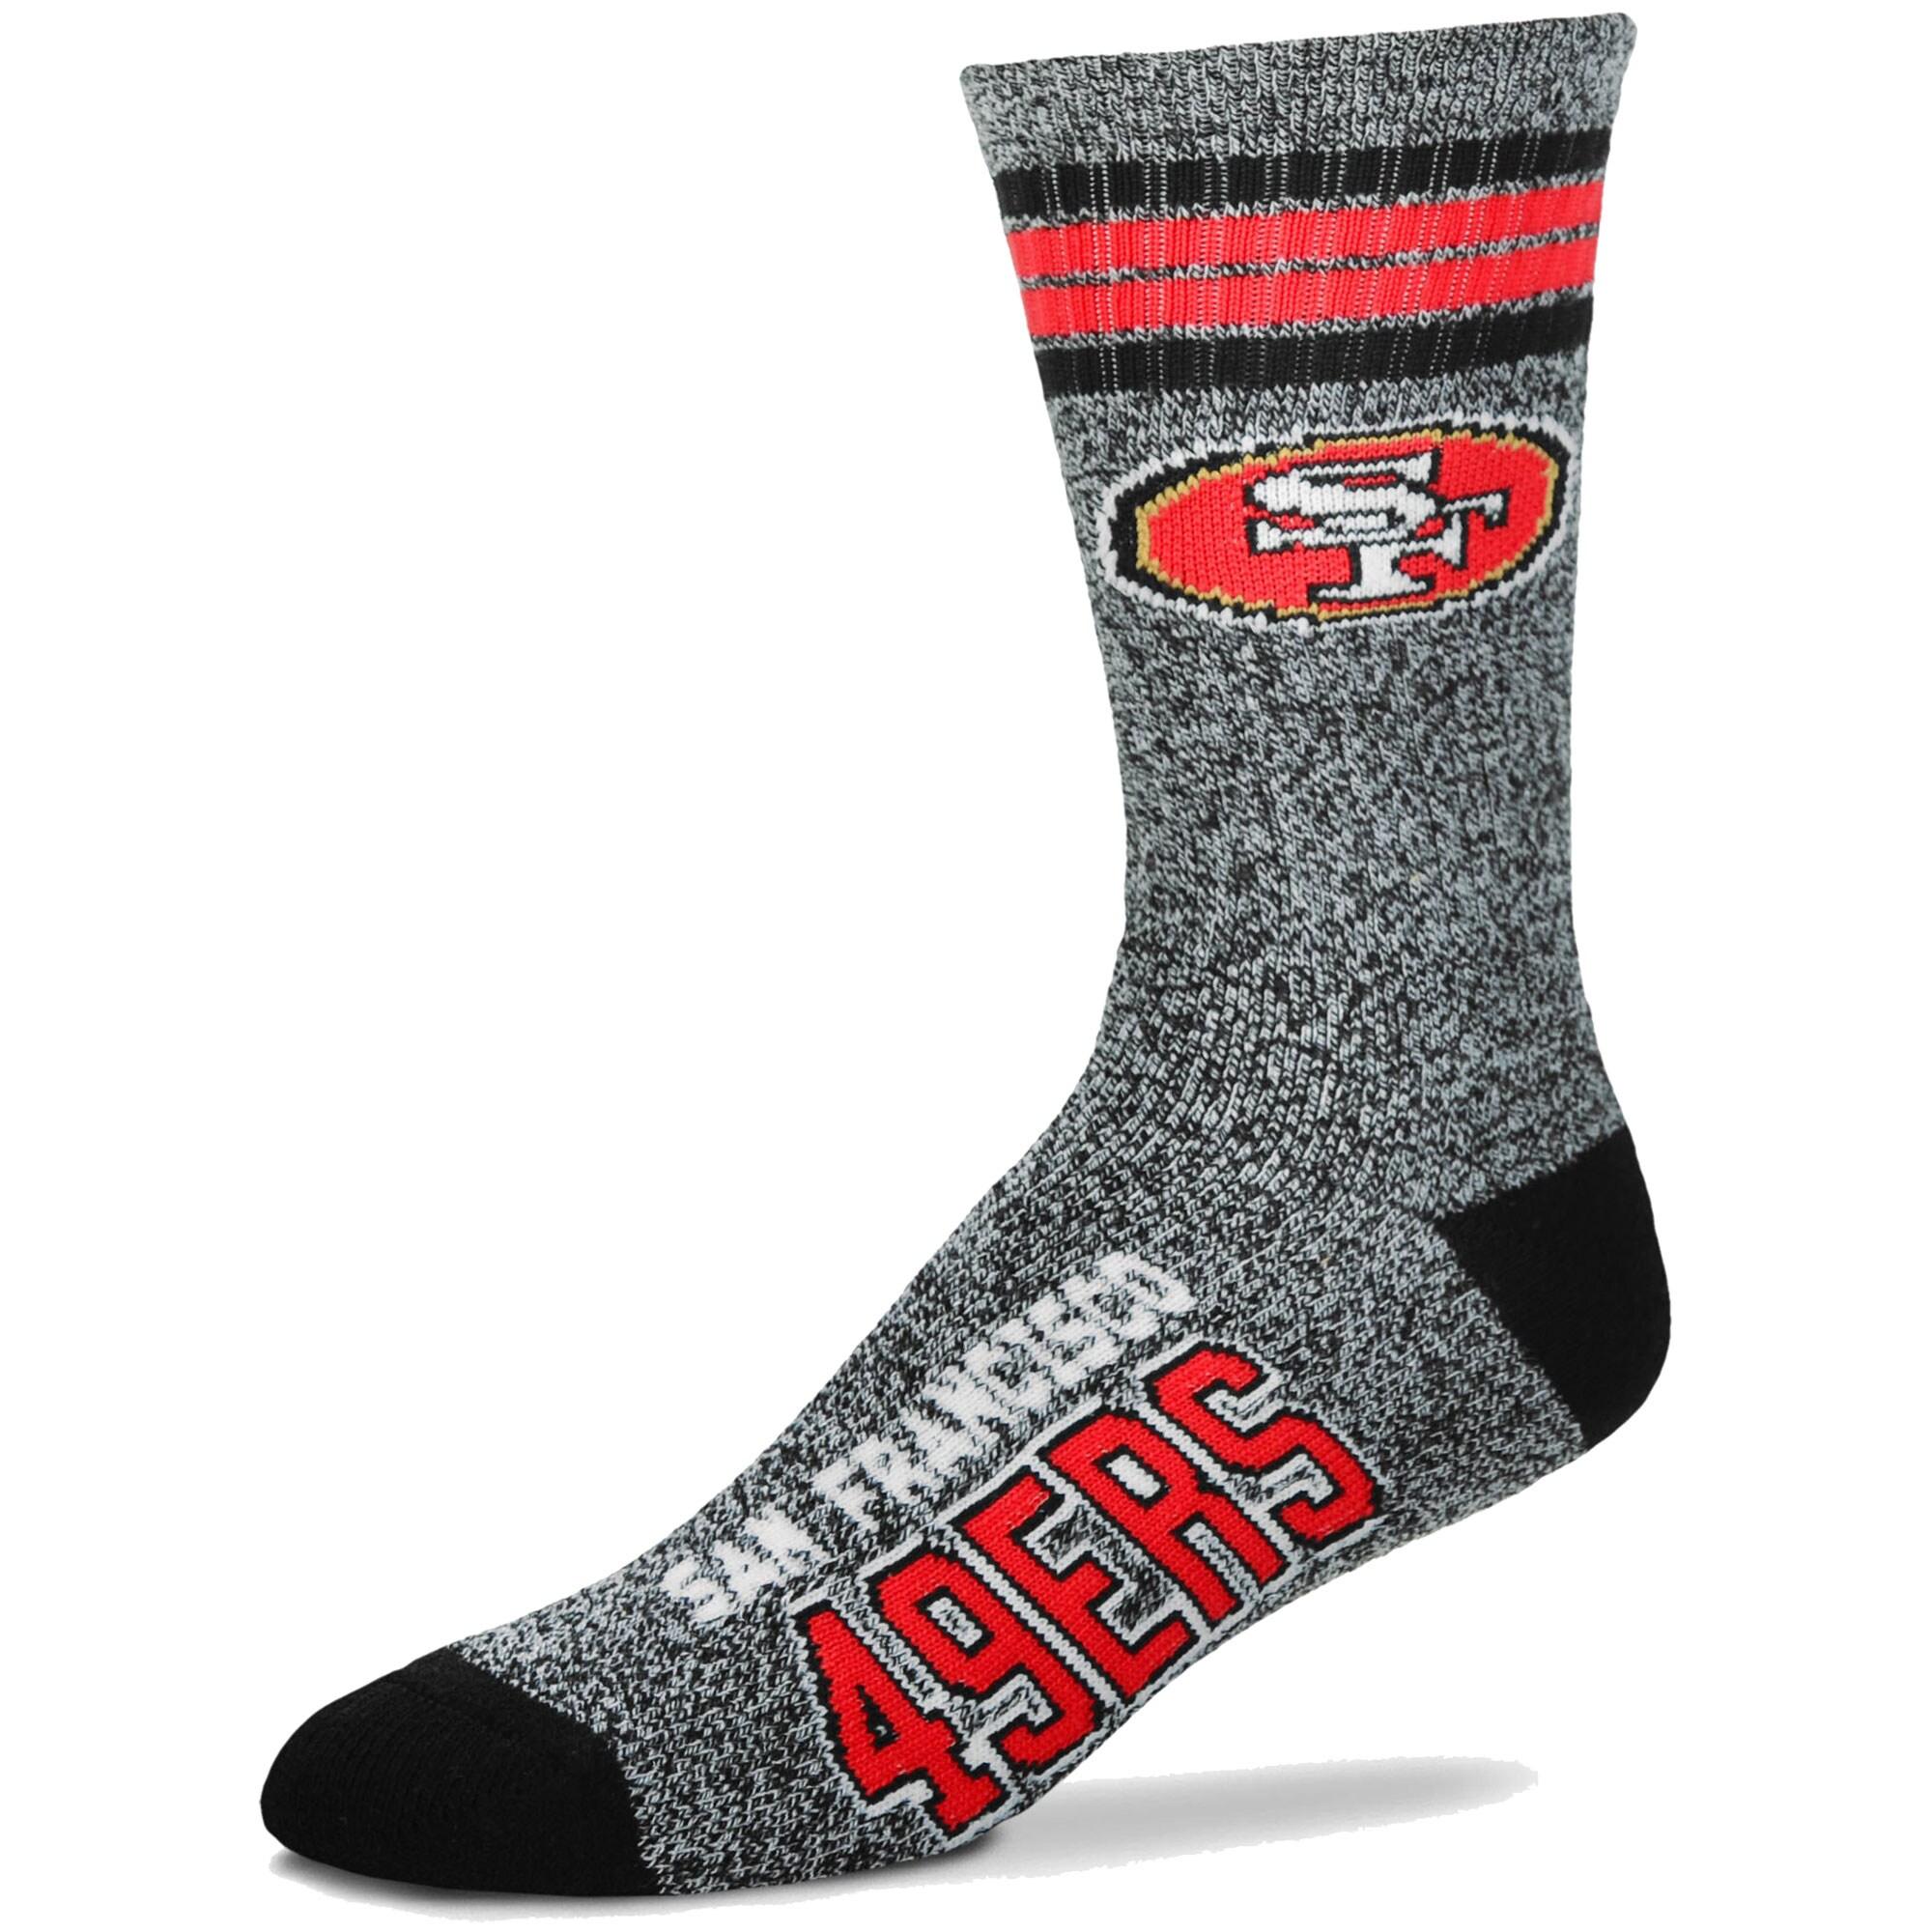 San Francisco 49ers For Bare Feet Got Marble Crew Socks - Gray